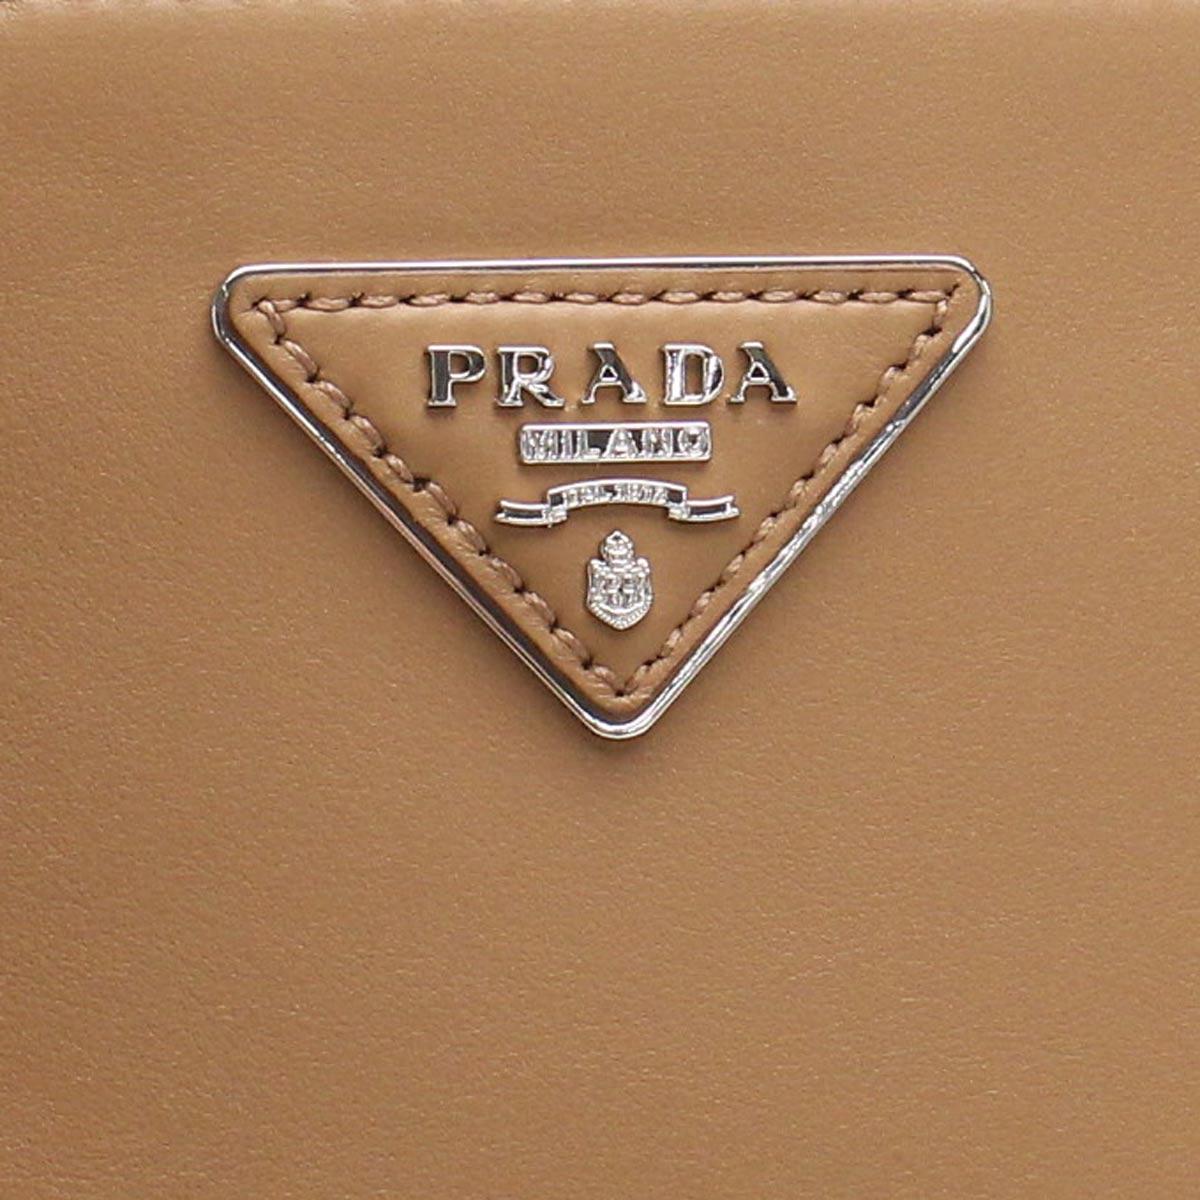 5c371f6ad99d Bighit The total brand wholesale  Prada (PRADA) tote bag 1BA274-2AIX ...